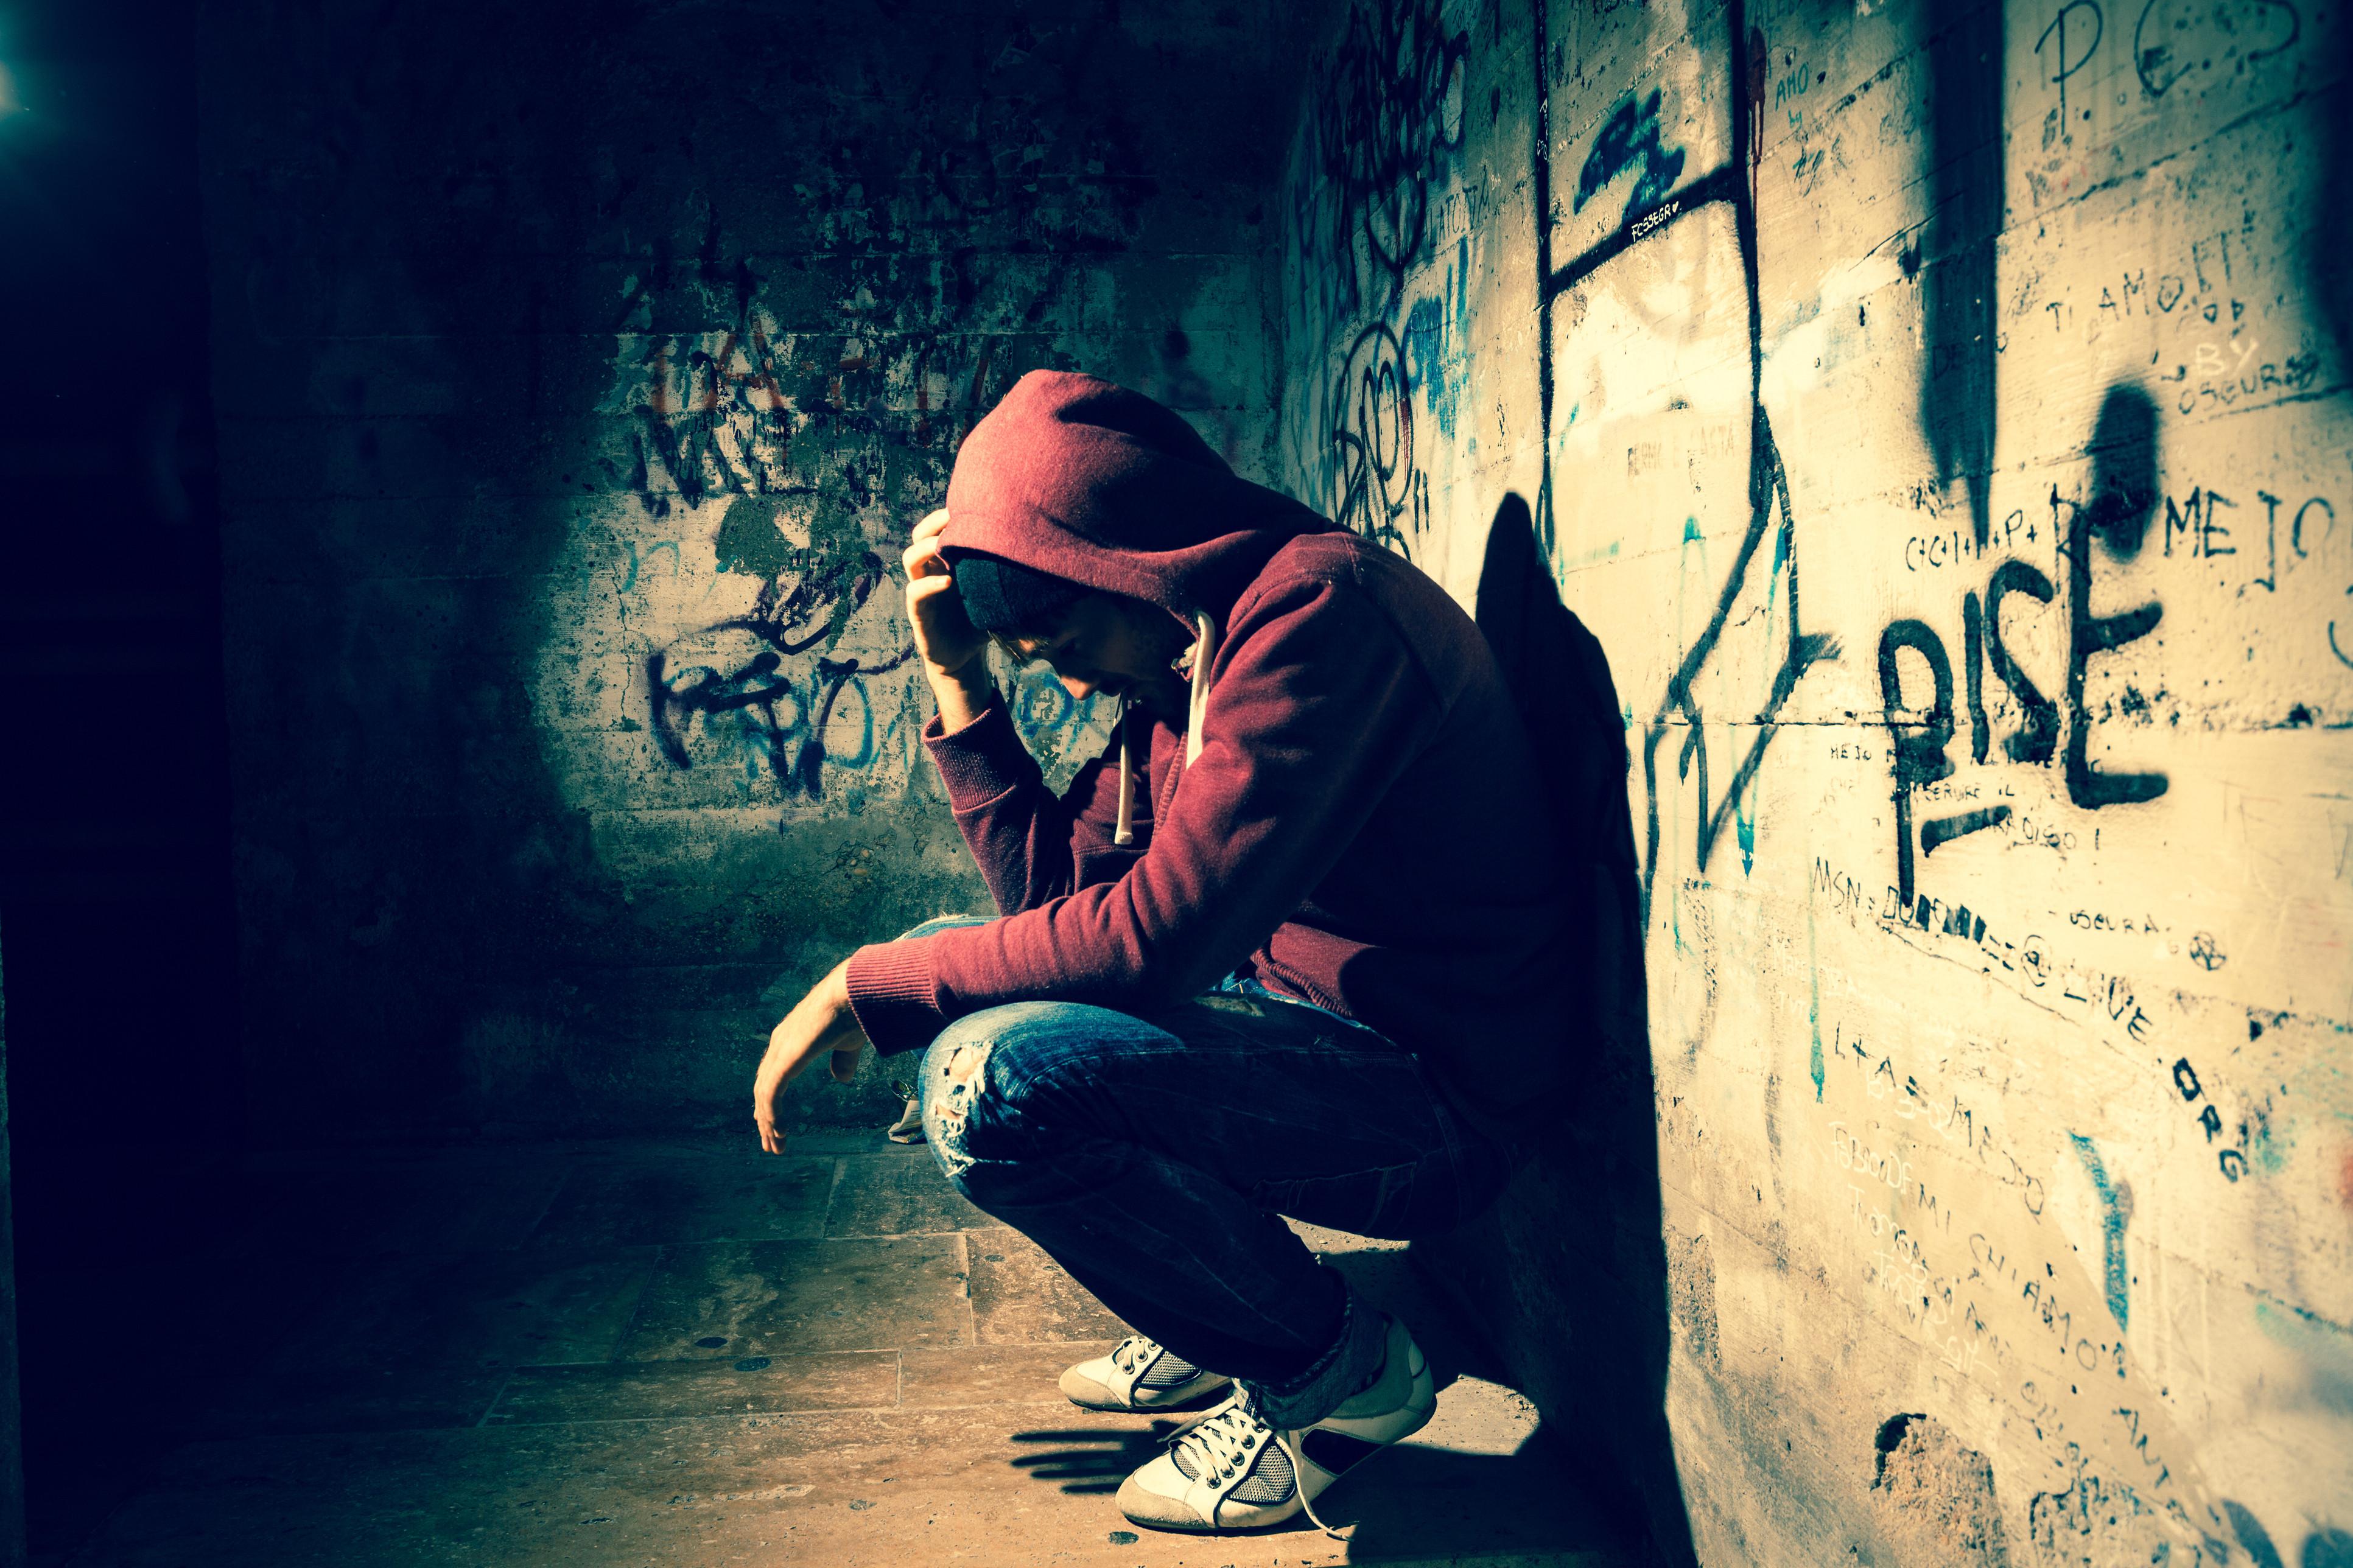 Adolescentes que fumam canábis correm maior risco de depressão e suicídio